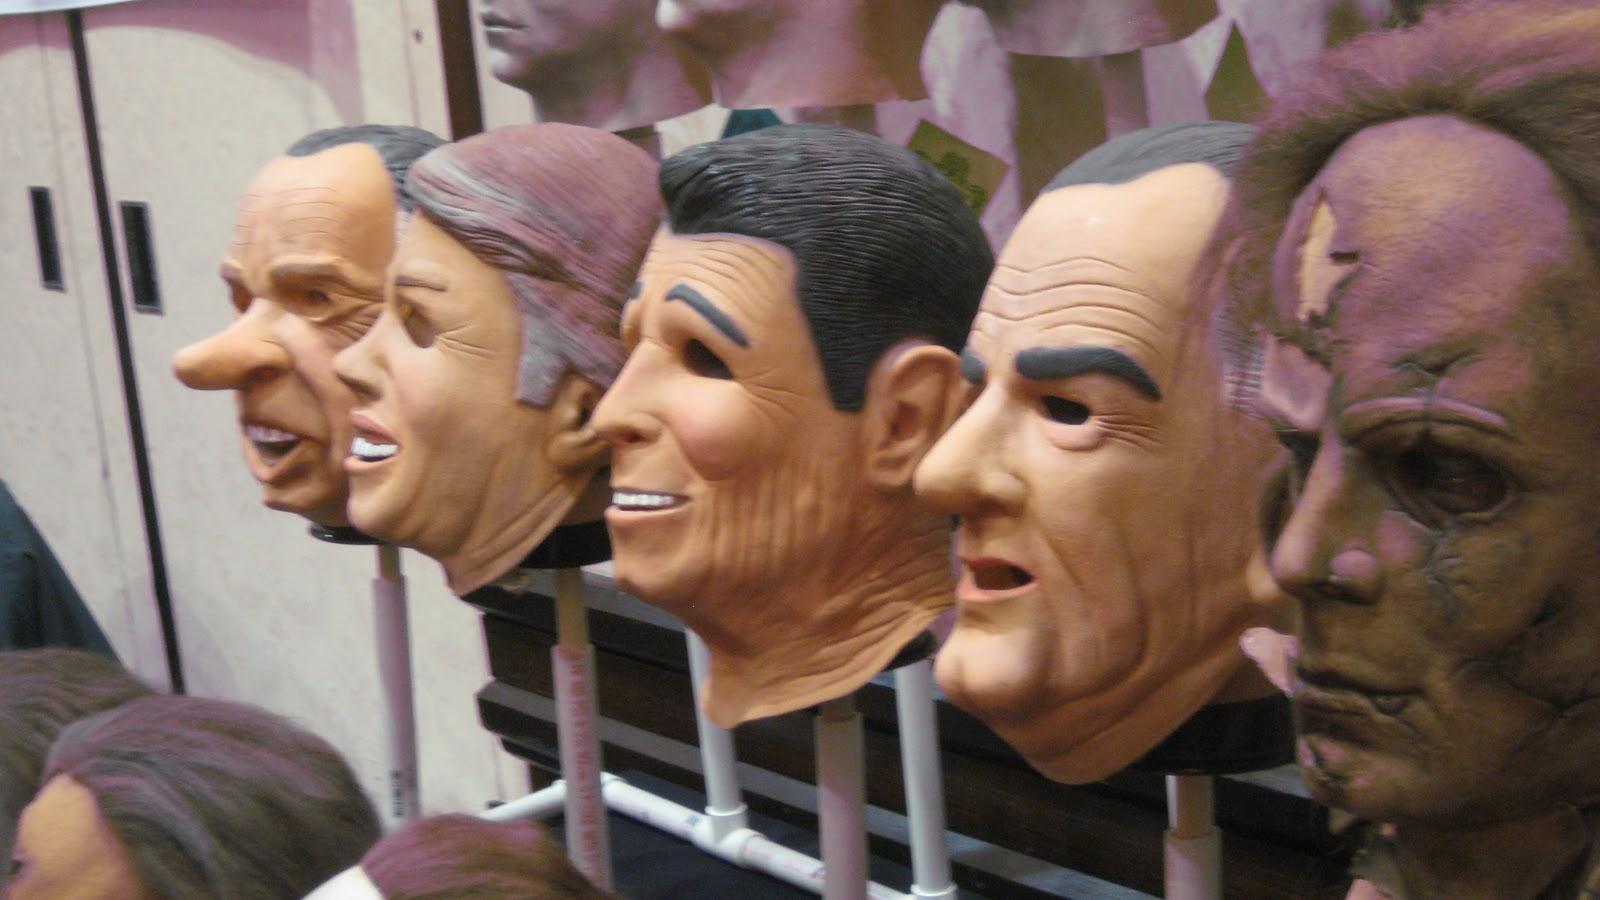 Blood Curdling Blog of Monster Masks: March 2011